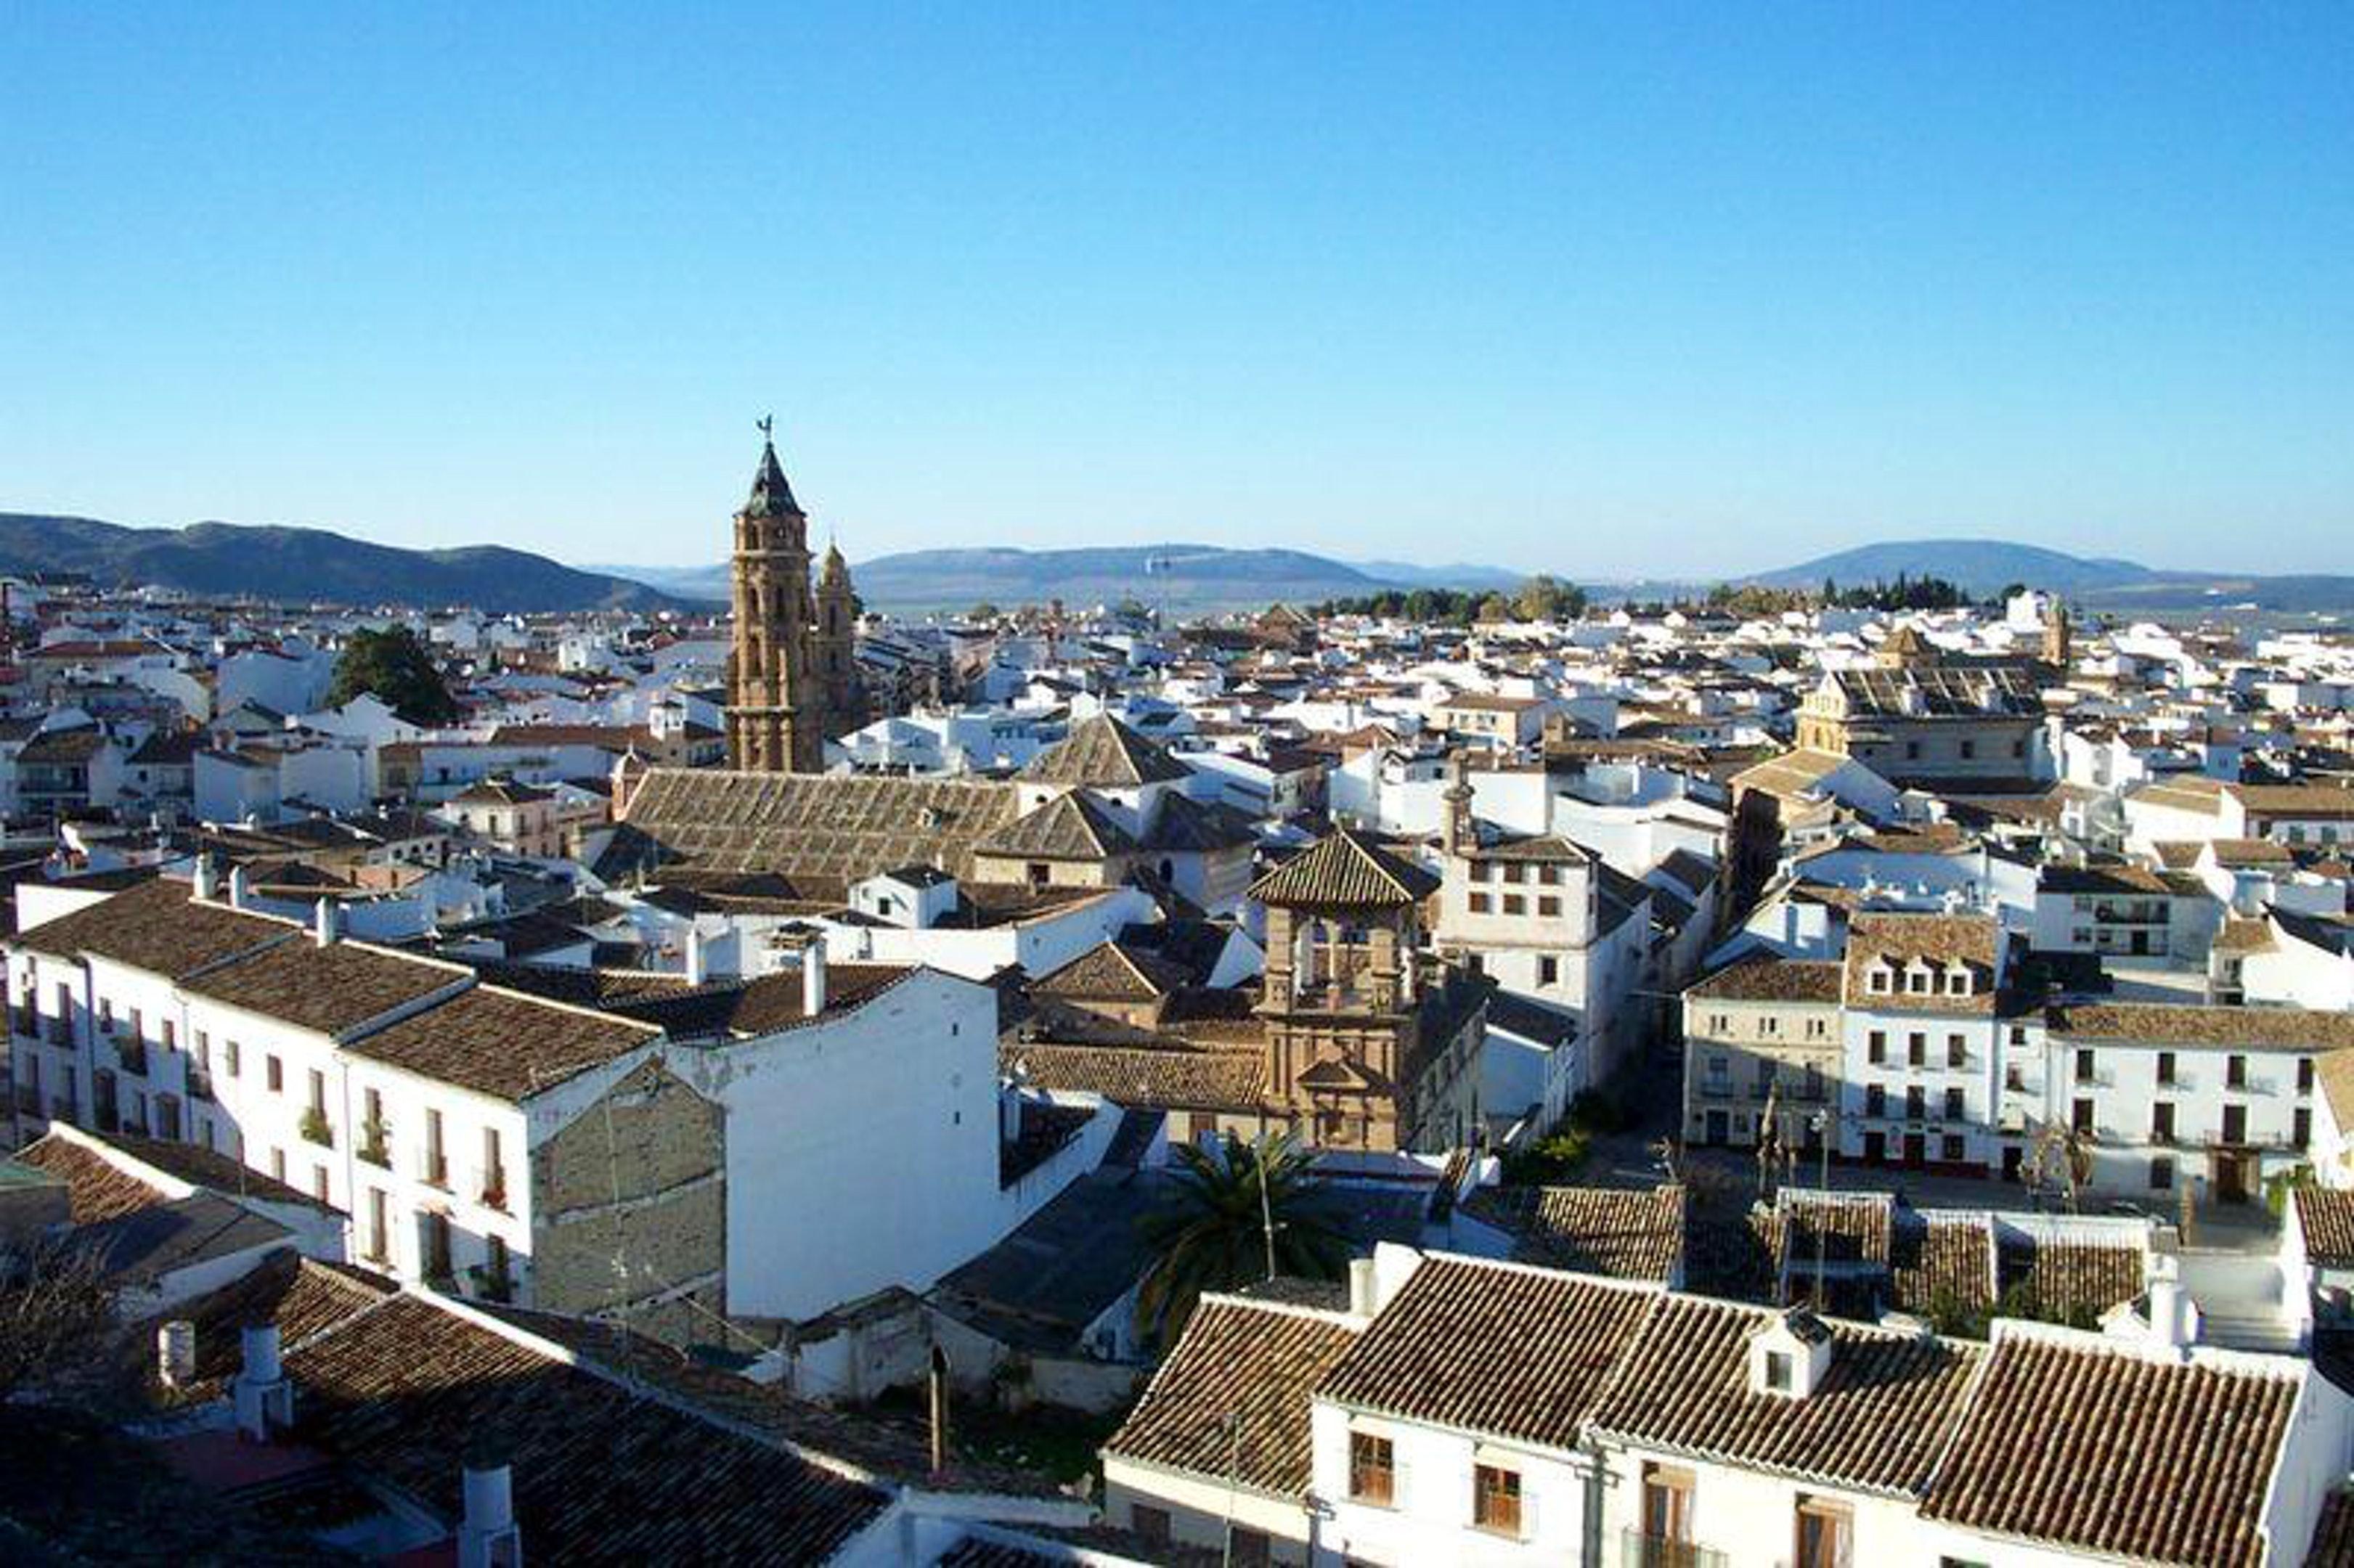 Ferienwohnung Wohnung mit 3 Schlafzimmern in Antequera mit möblierter Terrasse und W-LAN (2706842), Antequera, Malaga, Andalusien, Spanien, Bild 27